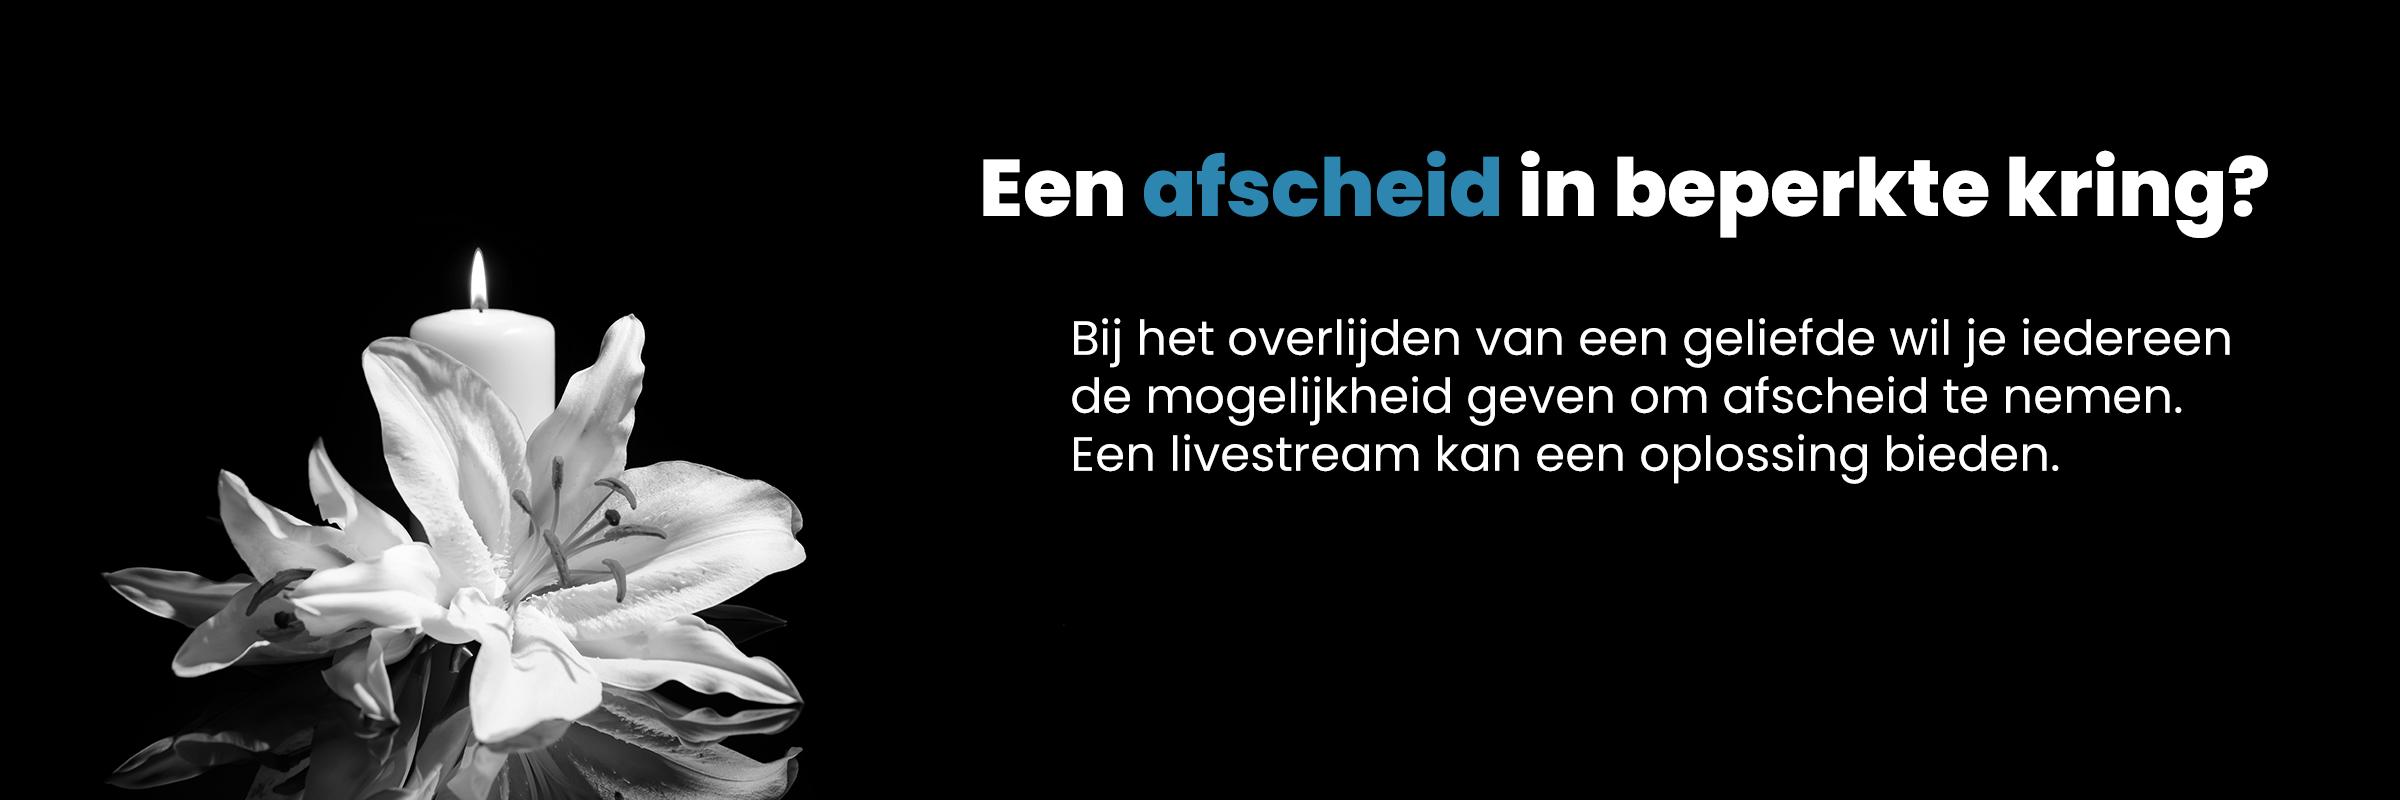 banner-uitvaart-horizontaal